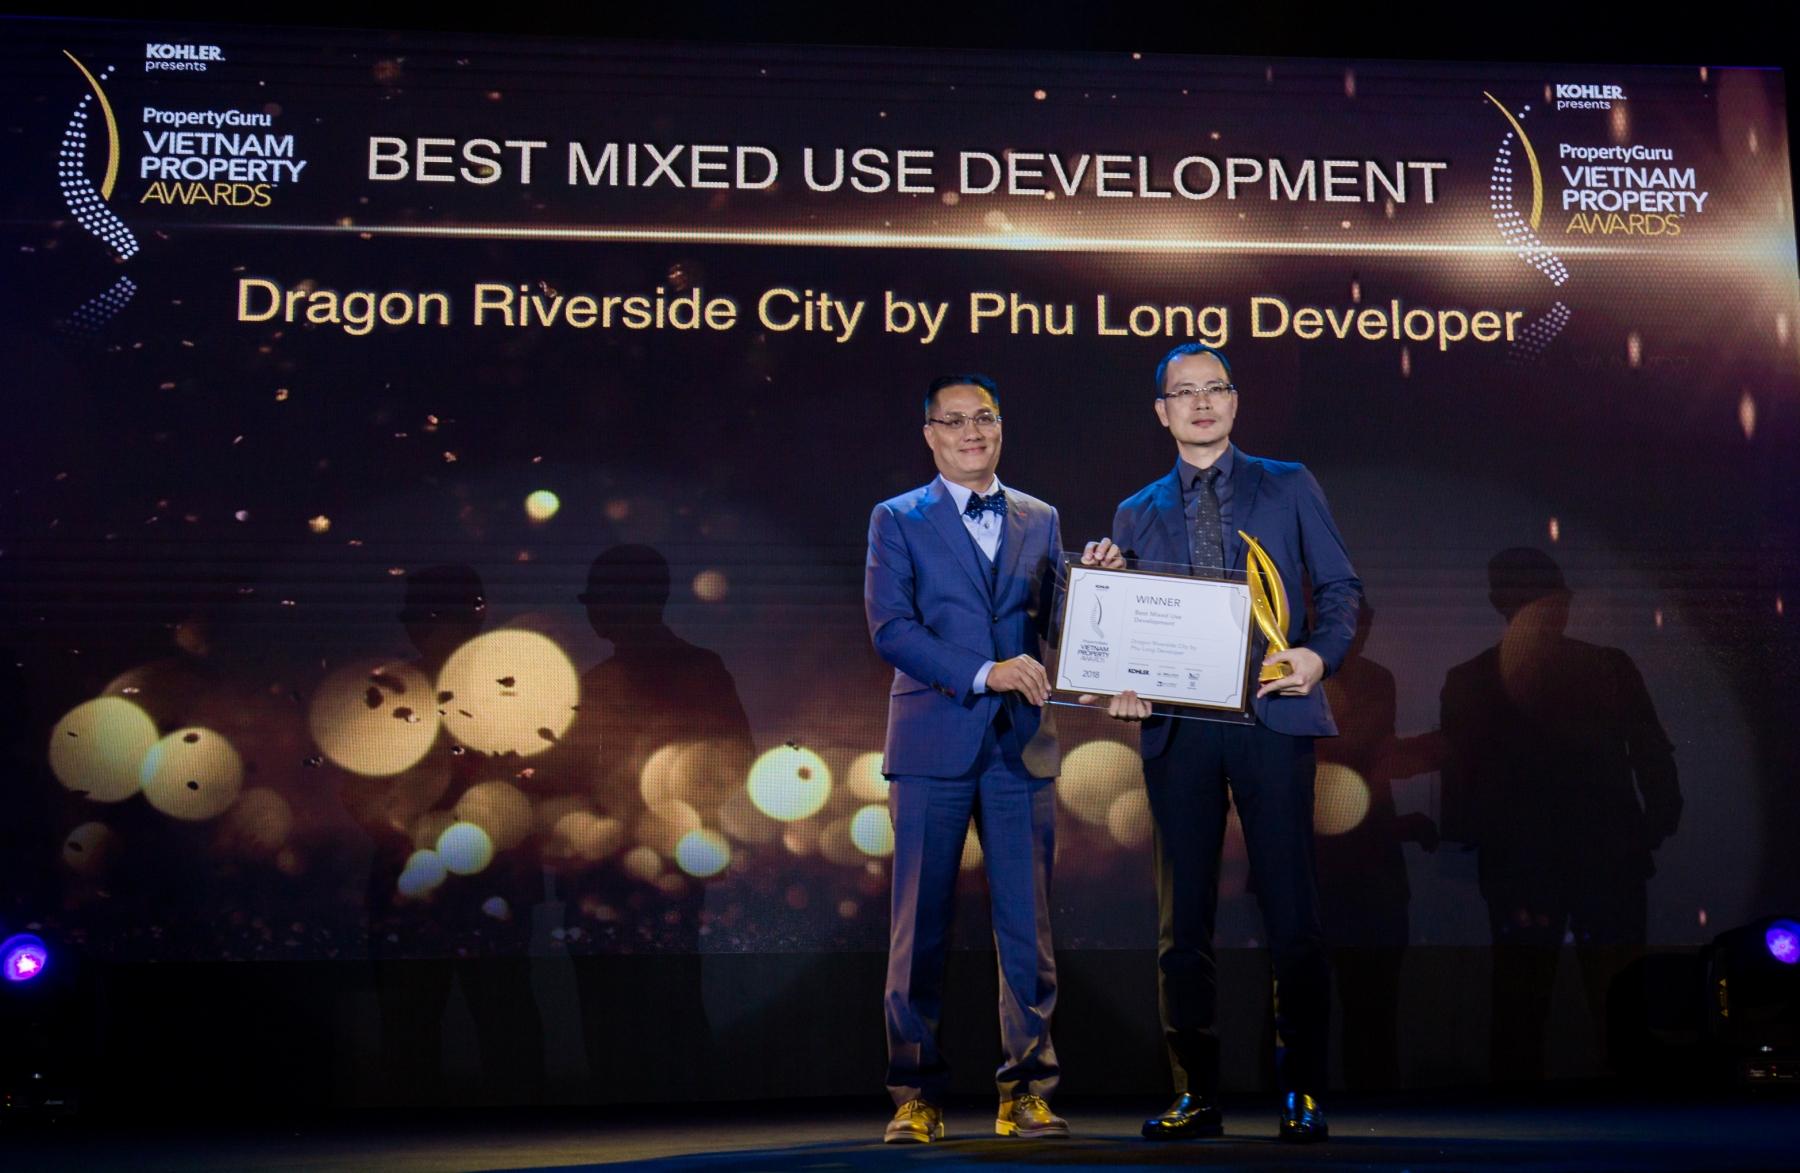 phu long doat nhieu giai thuong cua propertyguru vietnam property award 2018